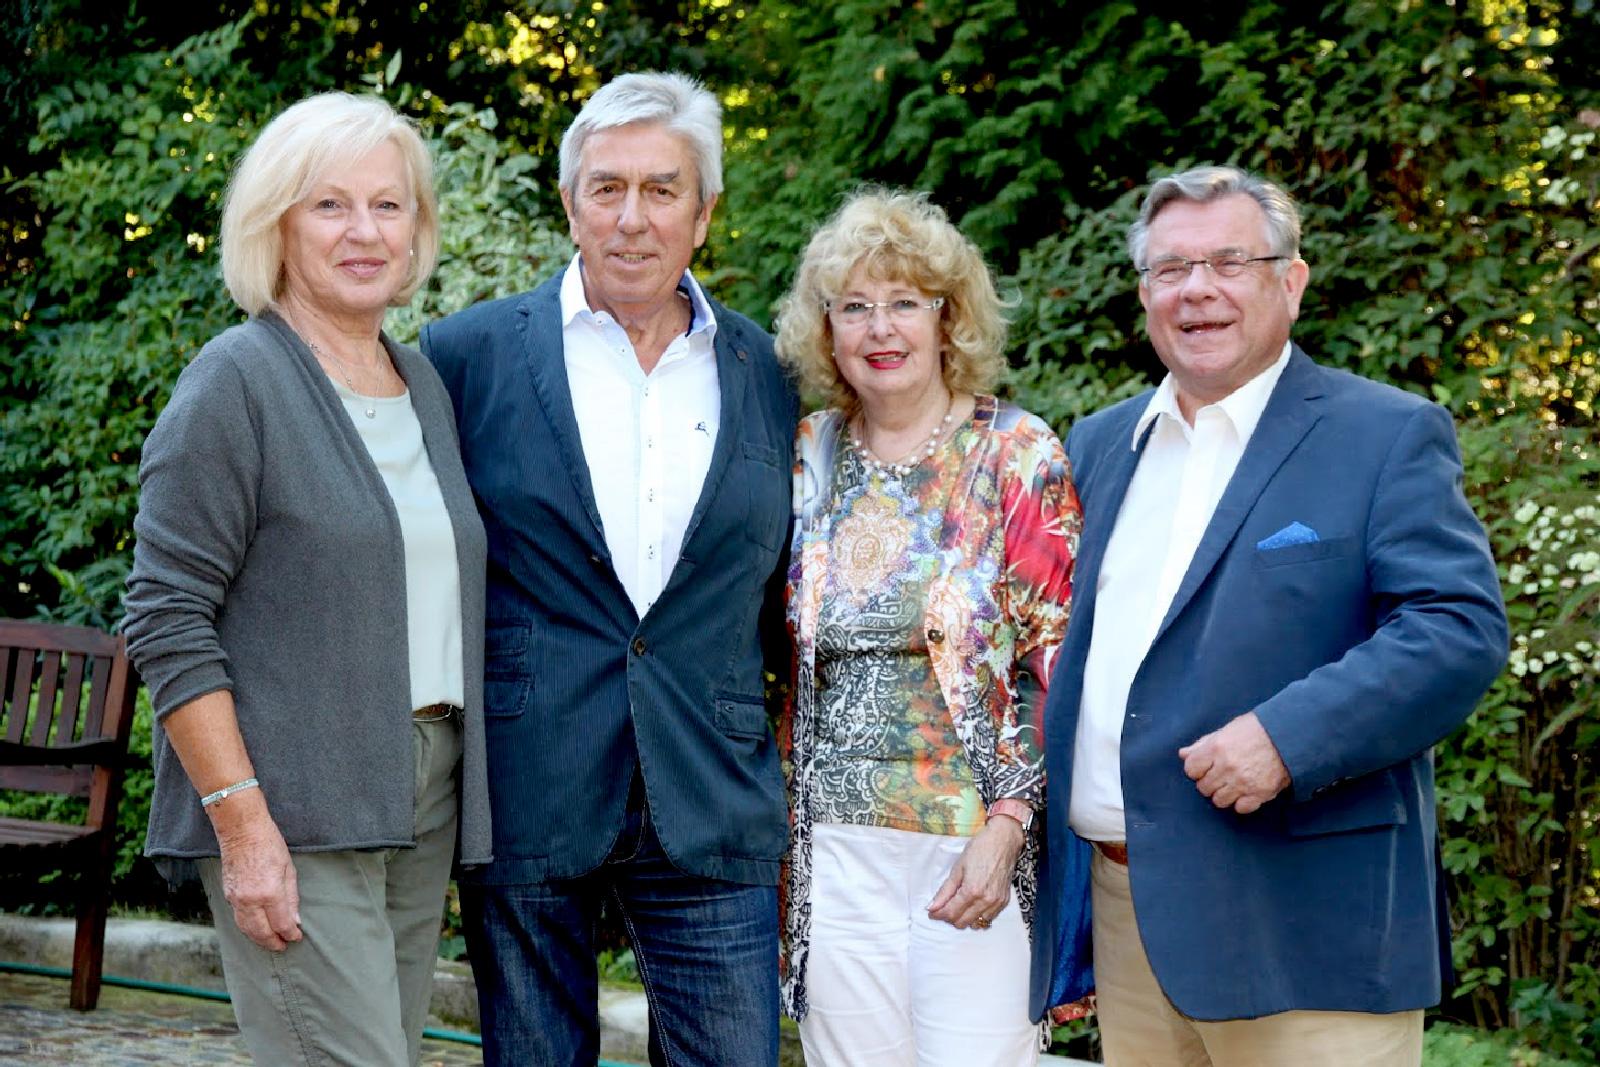 Jubilar Andreas Kögel und Ehefrau Veronika (l.) freutne sich sichtlich über die persönlichen, wie herzlichen Glückwünsche zu dessen 75. von Lebenshilfe-Chef John und dessen Ehefrau Inge.